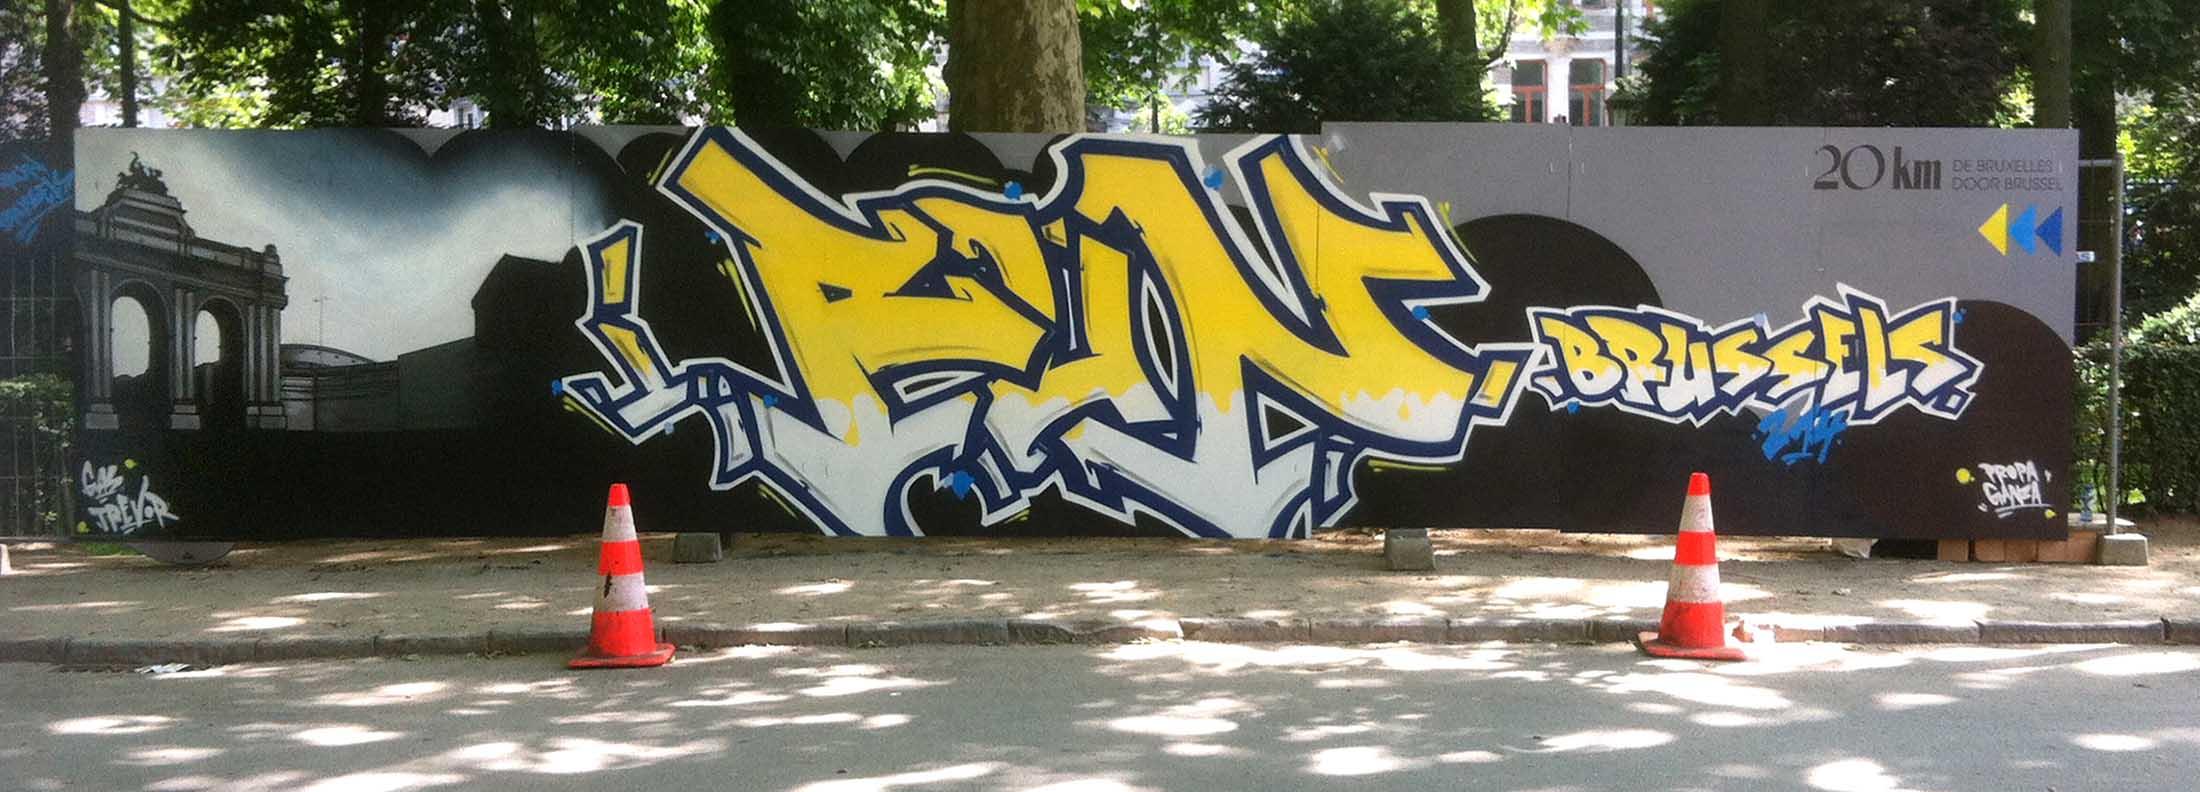 https://www.propaganza.be/wp-content/uploads/2019/04/propaganza-artist-graffiti-graff-street-art-spray-painting-belgique-bruxelles-brussels-fresque-live-show-20-km-2014-2.jpg